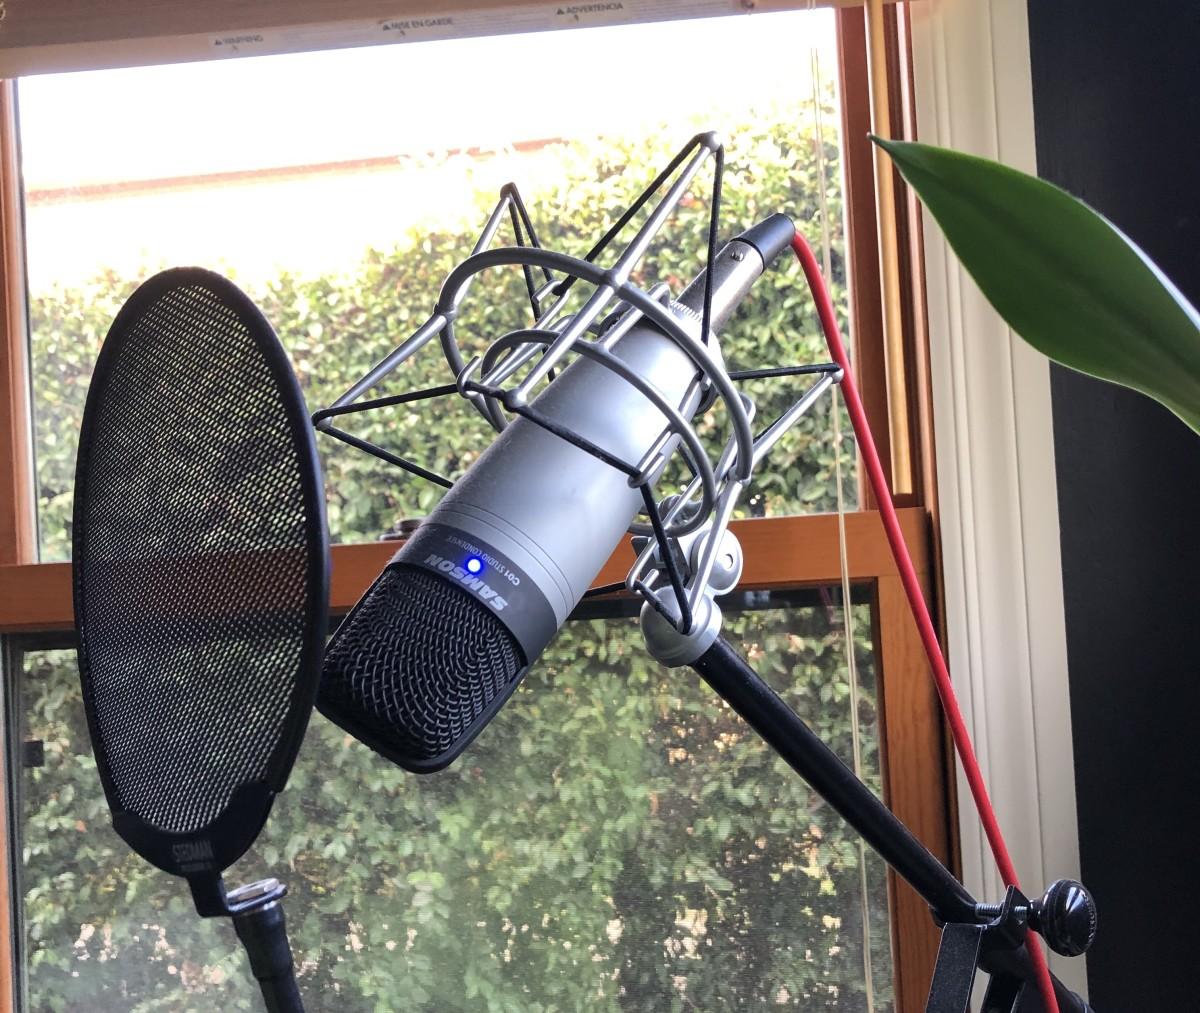 Samsung condenser mic